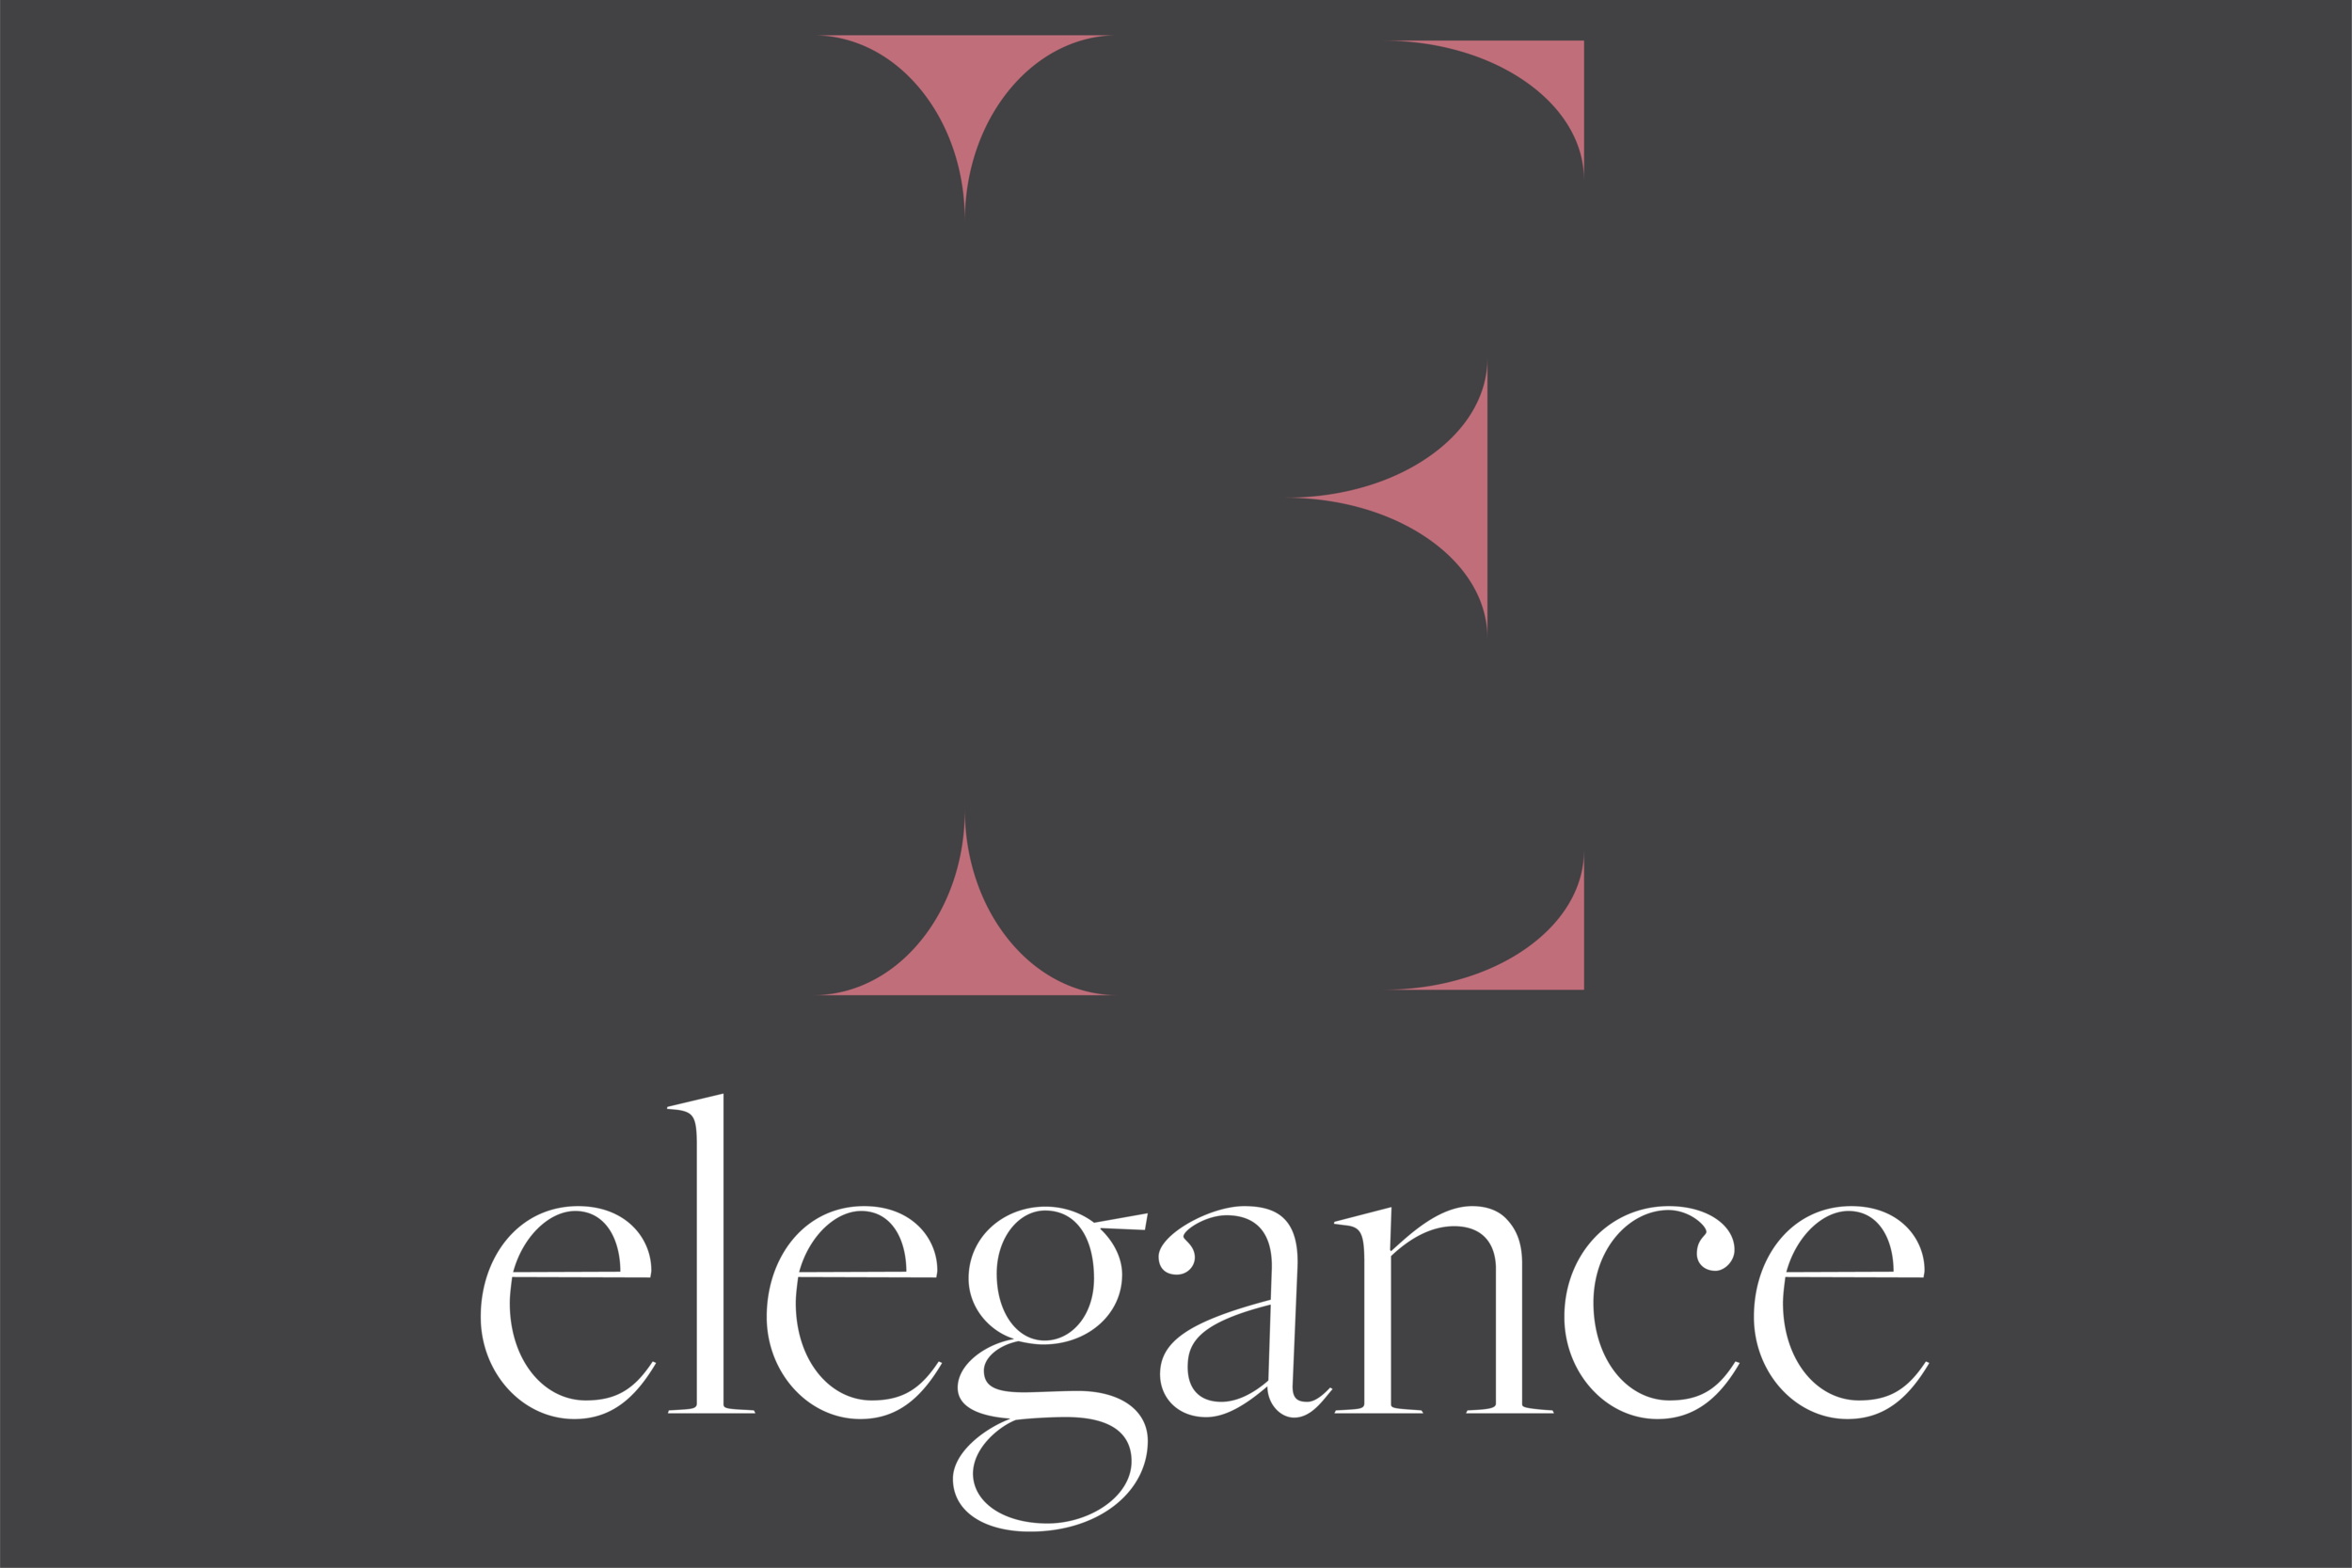 Treatwell_Elegance-02.png